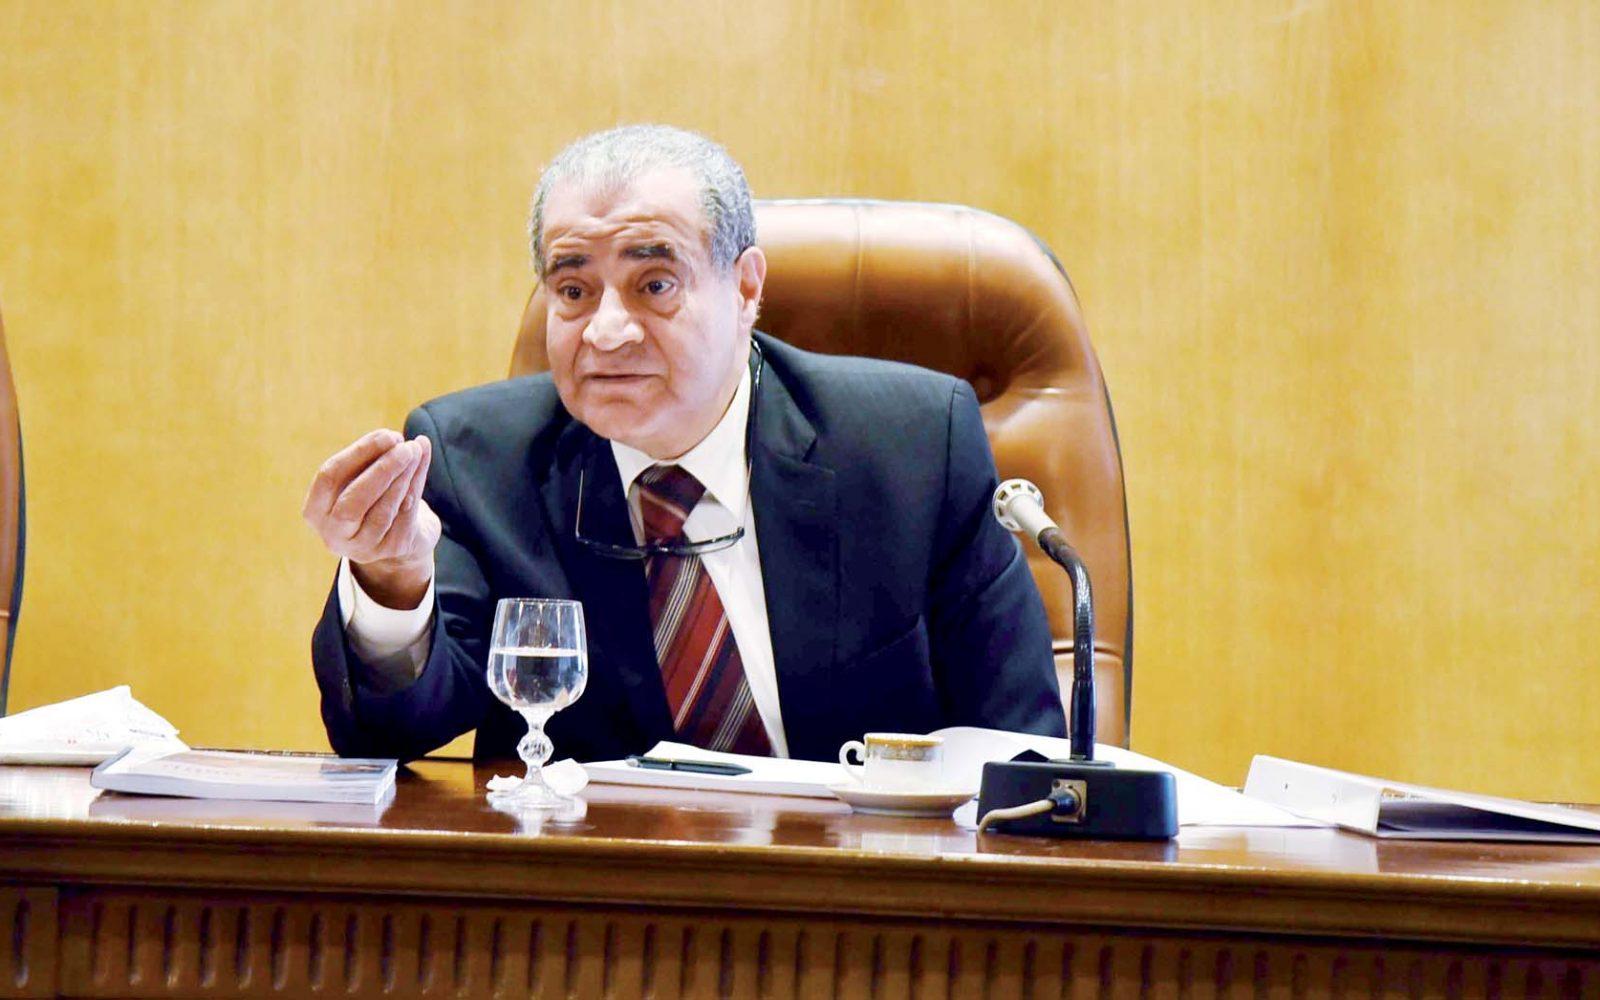 وزير التموين يُعلن عن طرح كوبونات السلع مرة أخرى بمناسبة عيد الفطر